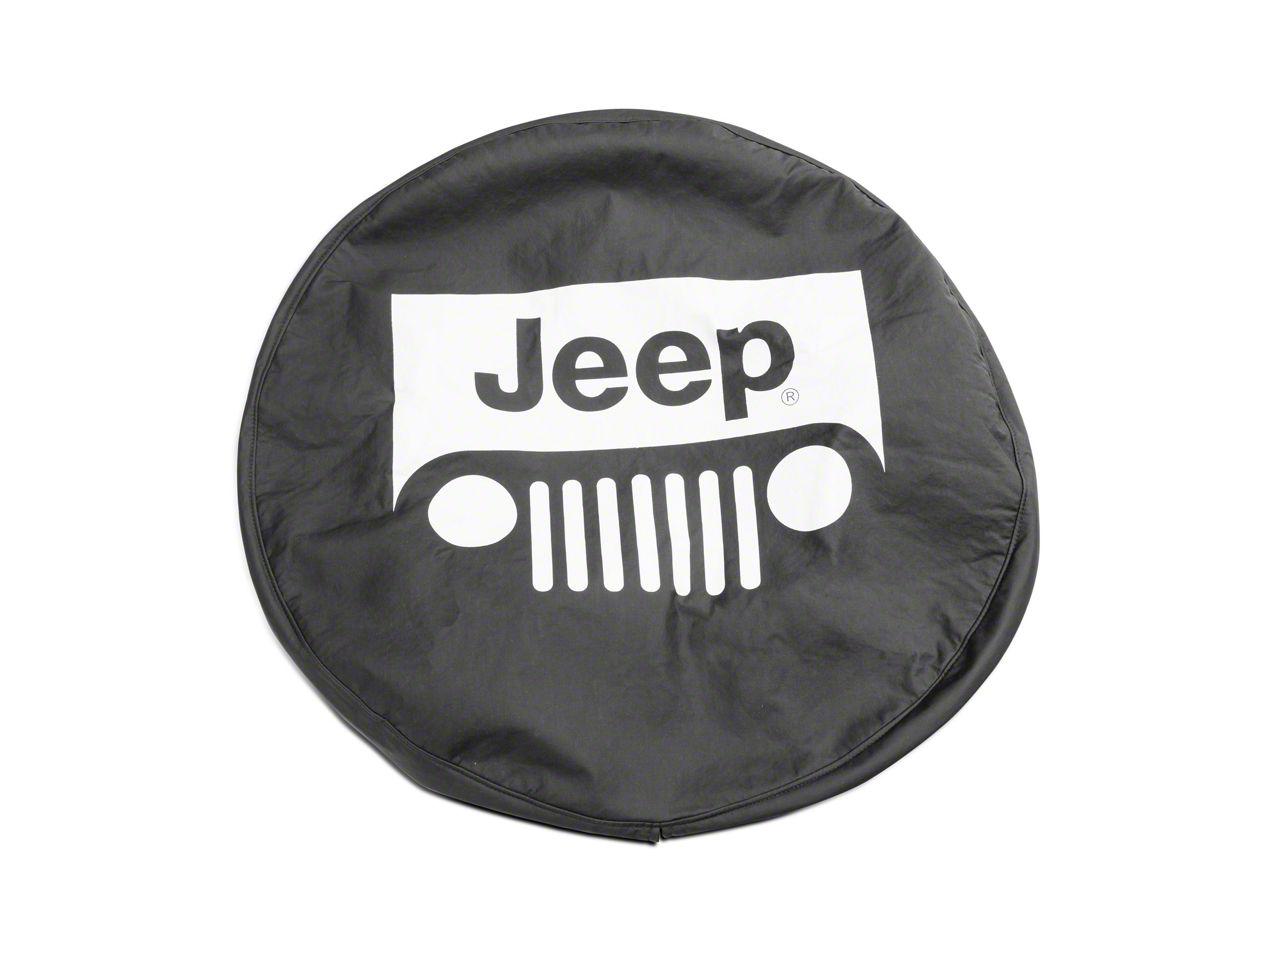 Mopar Jeep Wrangler Grille Logo Spare Tire Cover (87-19 Jeep Wrangler YJ, TJ, JK & JL)